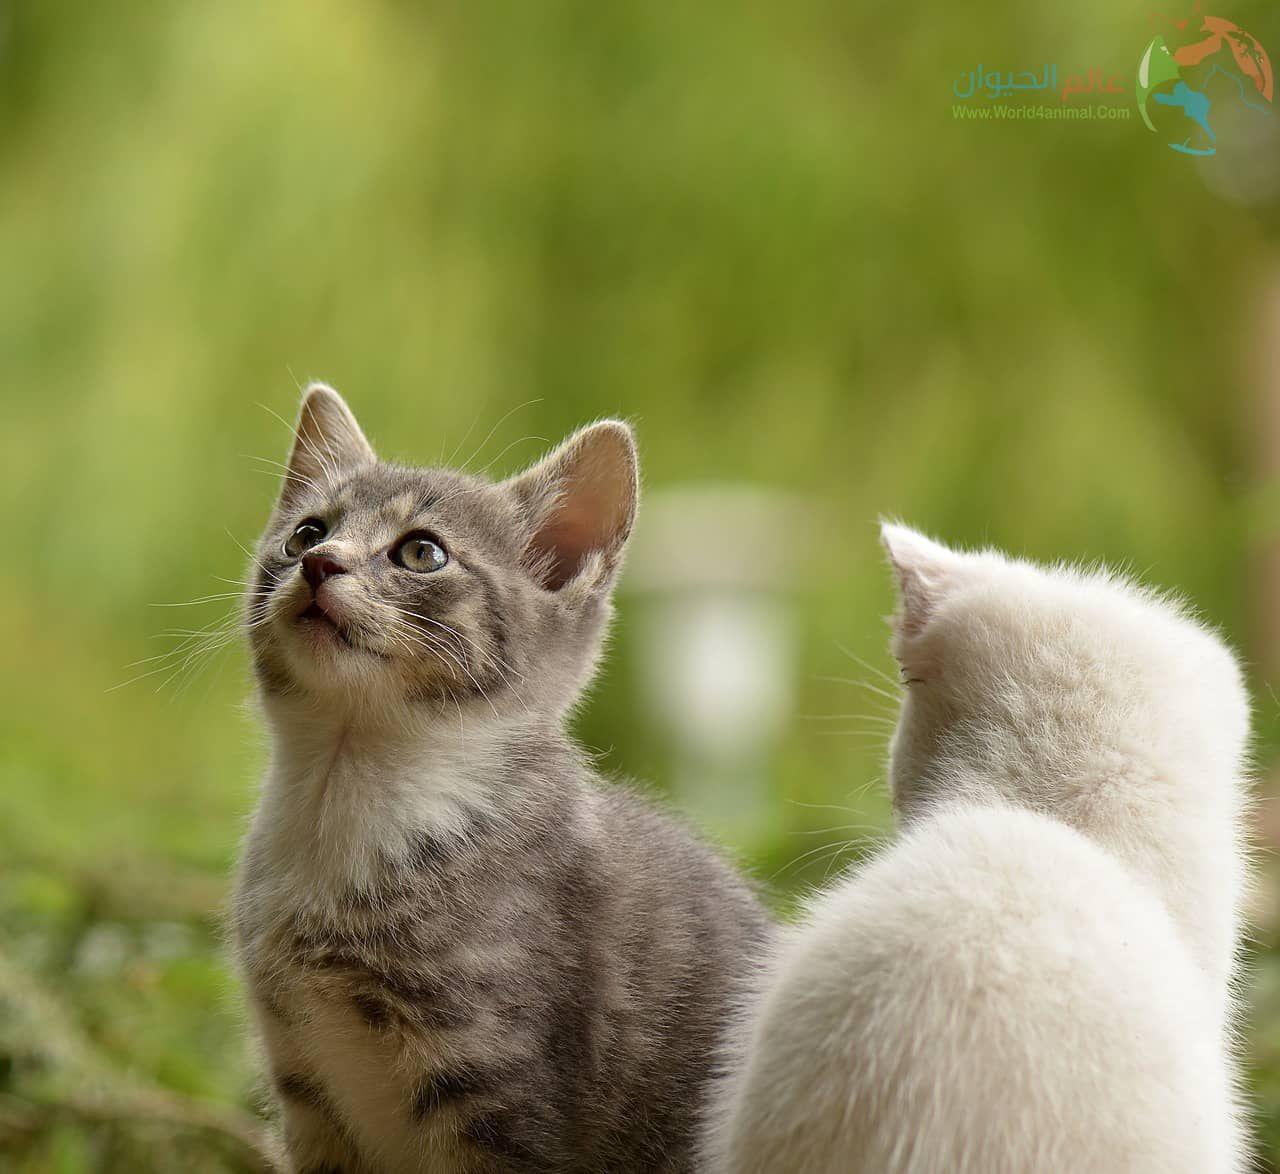 مدة وأعراض حمل القطط الشيرازي Cat Lovers Humor Cat Meowing At Night Cat Lovers